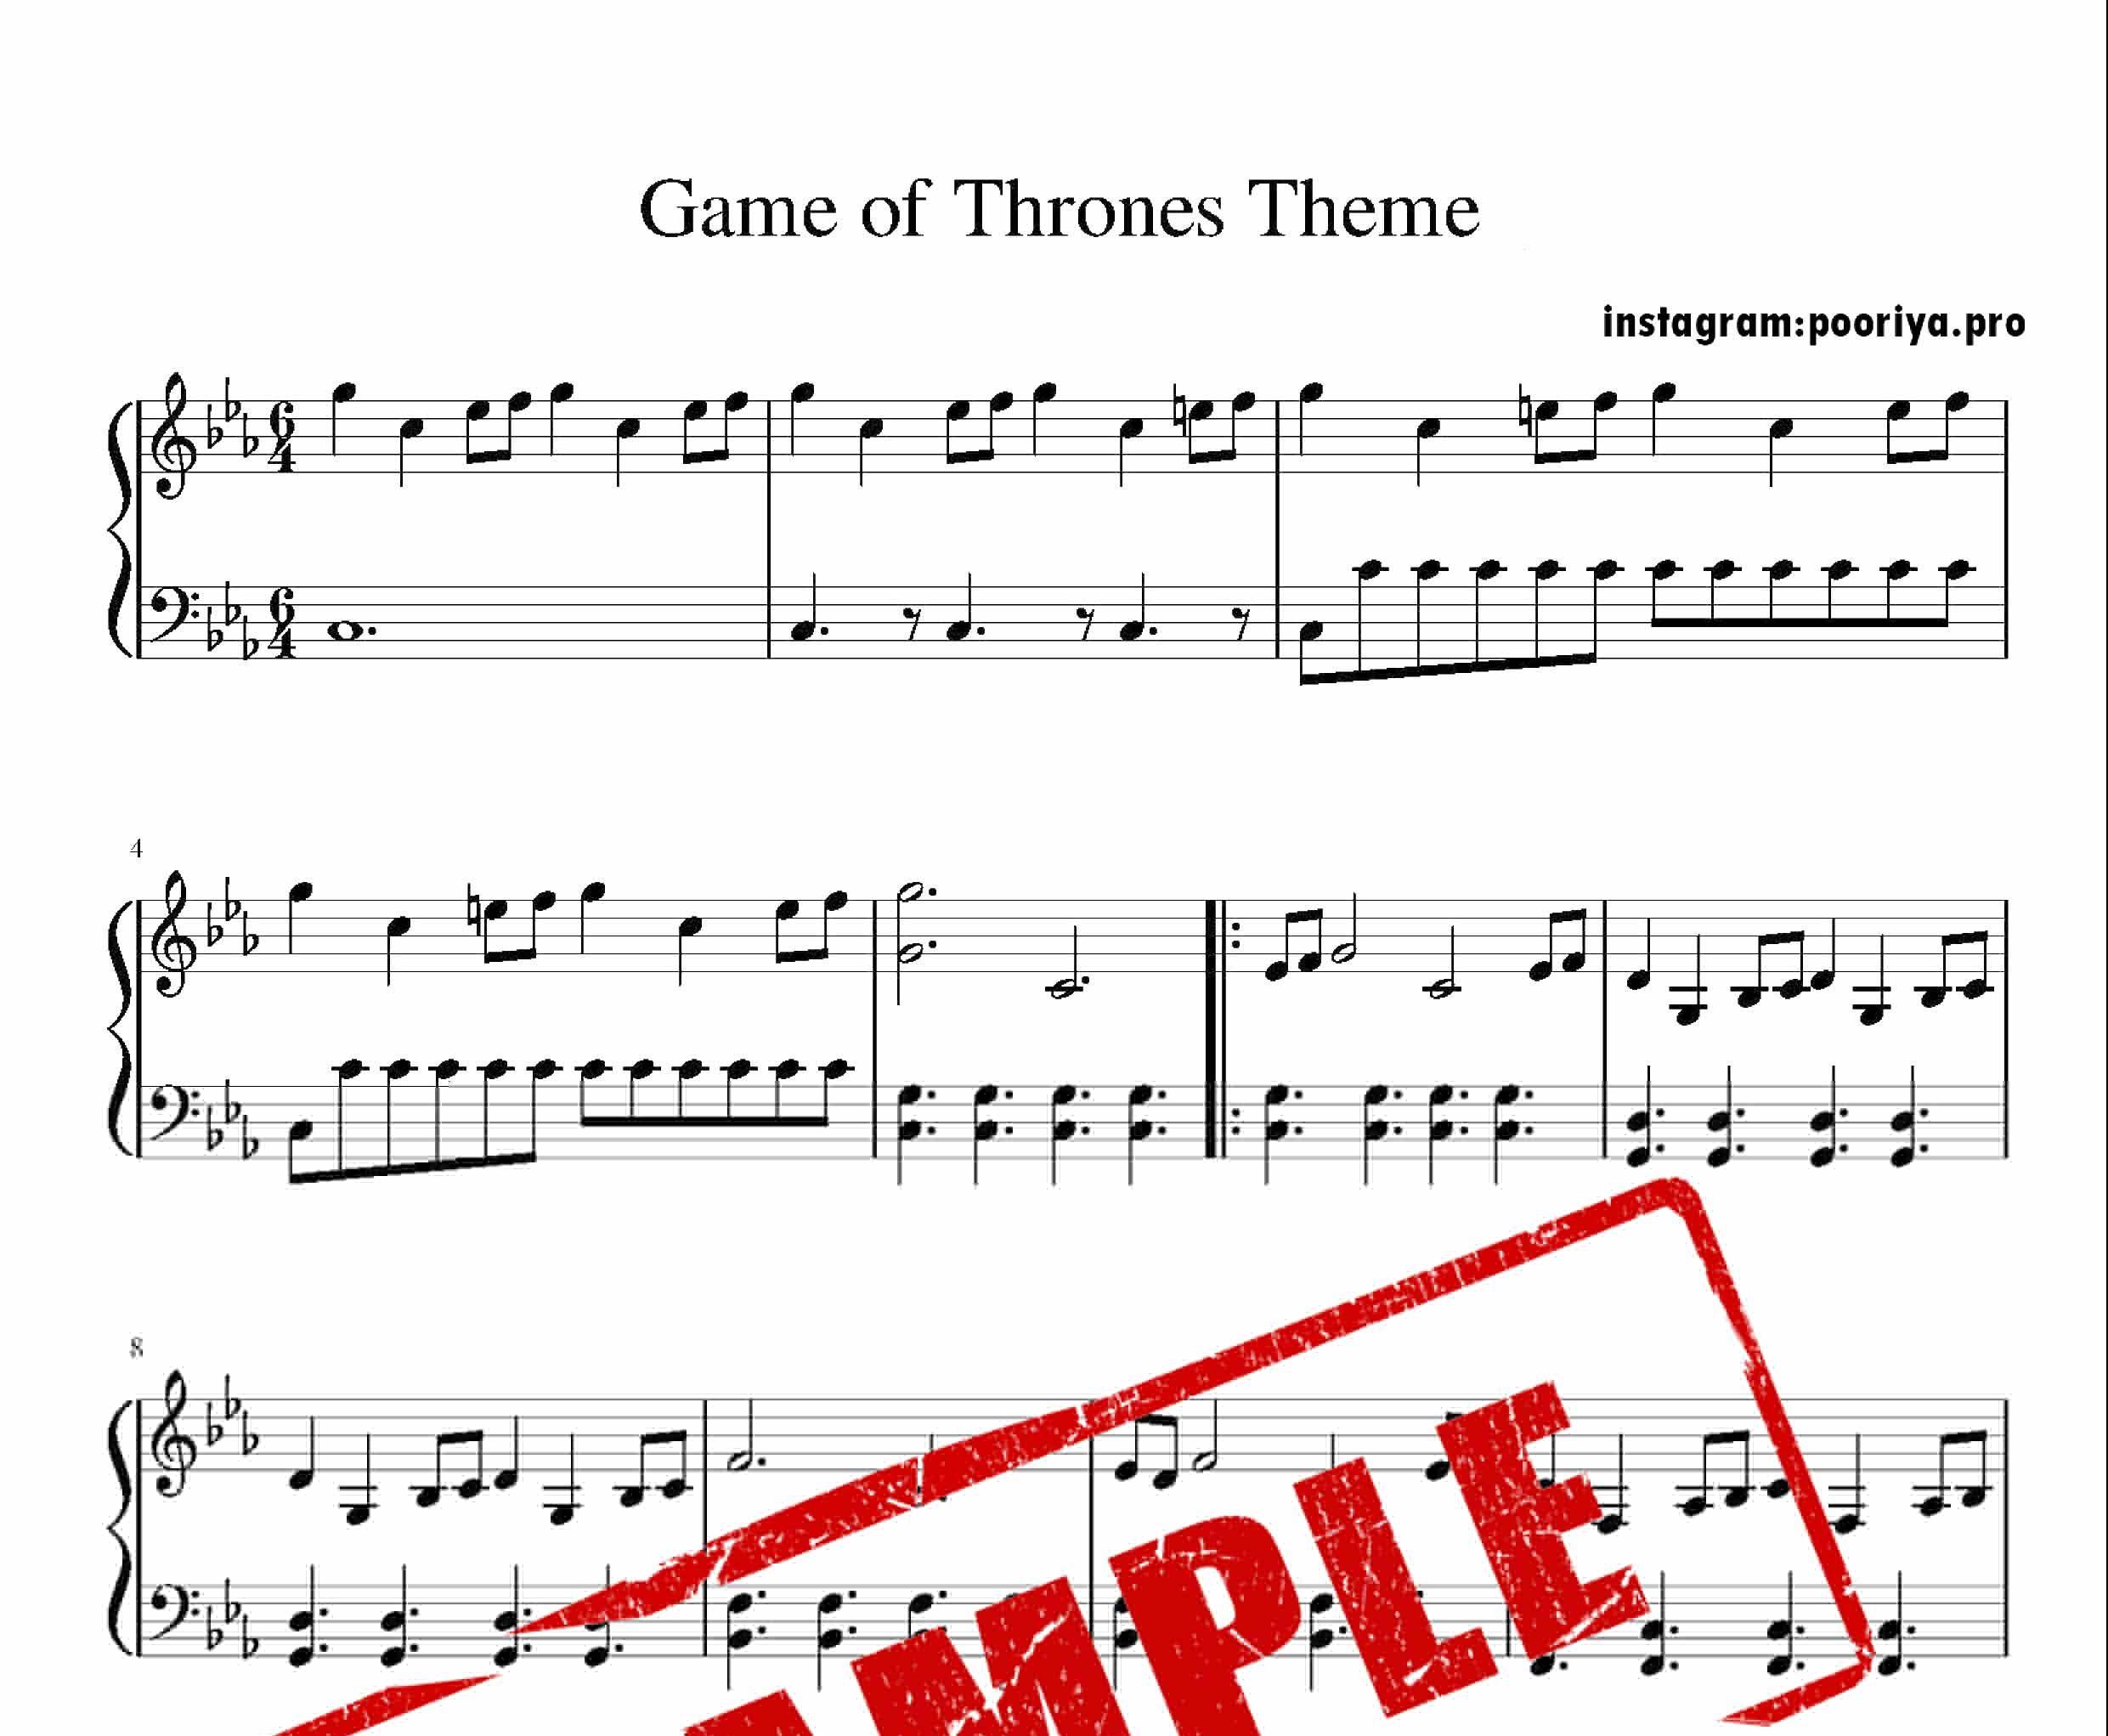 اهنگ زنگ گیم اف ترونز نت آهنگ سریال Game of thrones برای پیانو